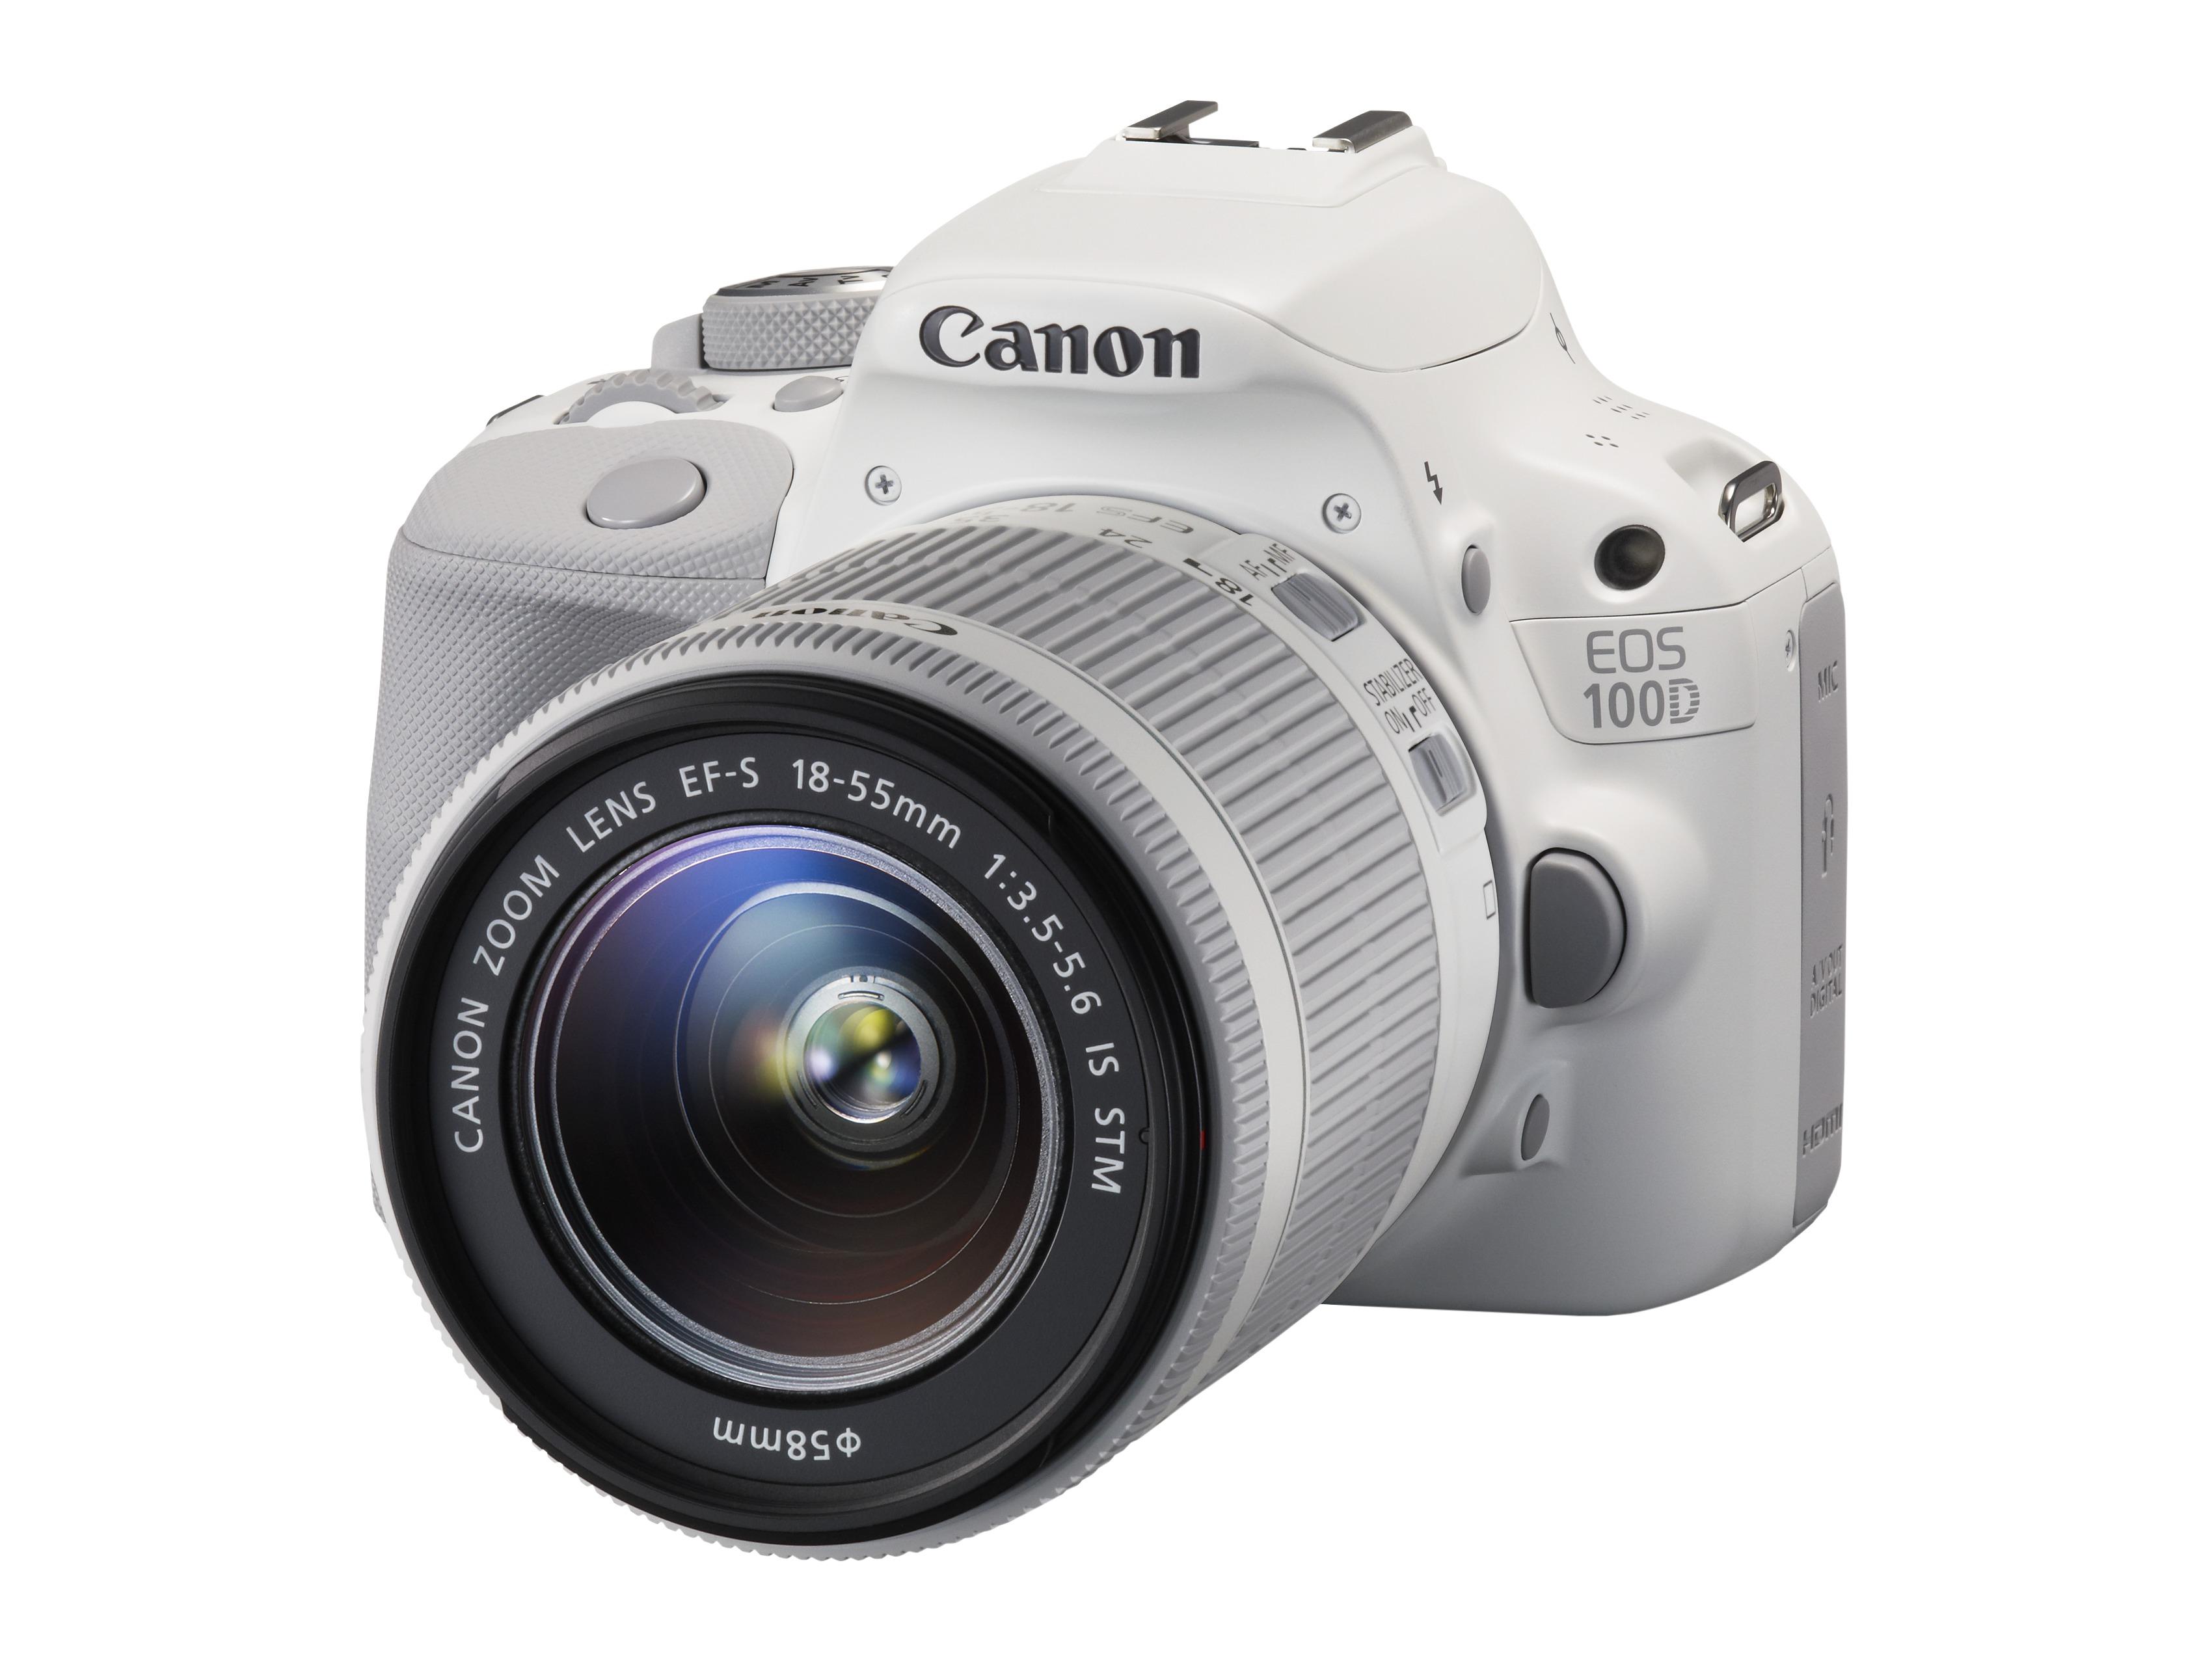 0d0f5f61360 Canon toob turule valge EOS 100D kaamera ja objektiivi